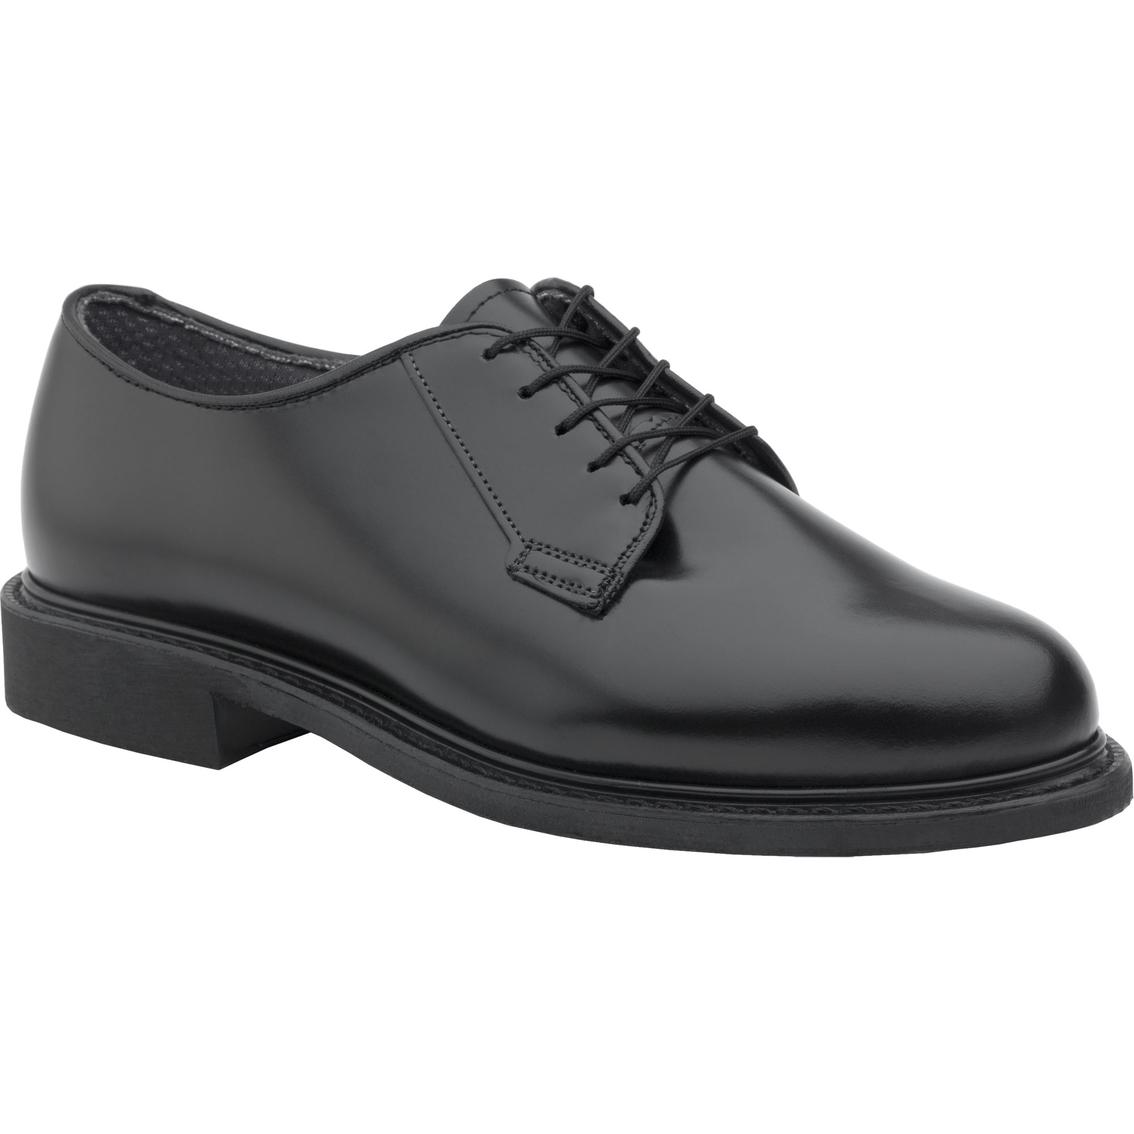 Dlats Men S Military Black Leather Oxford Dress Shoes Low Quarters